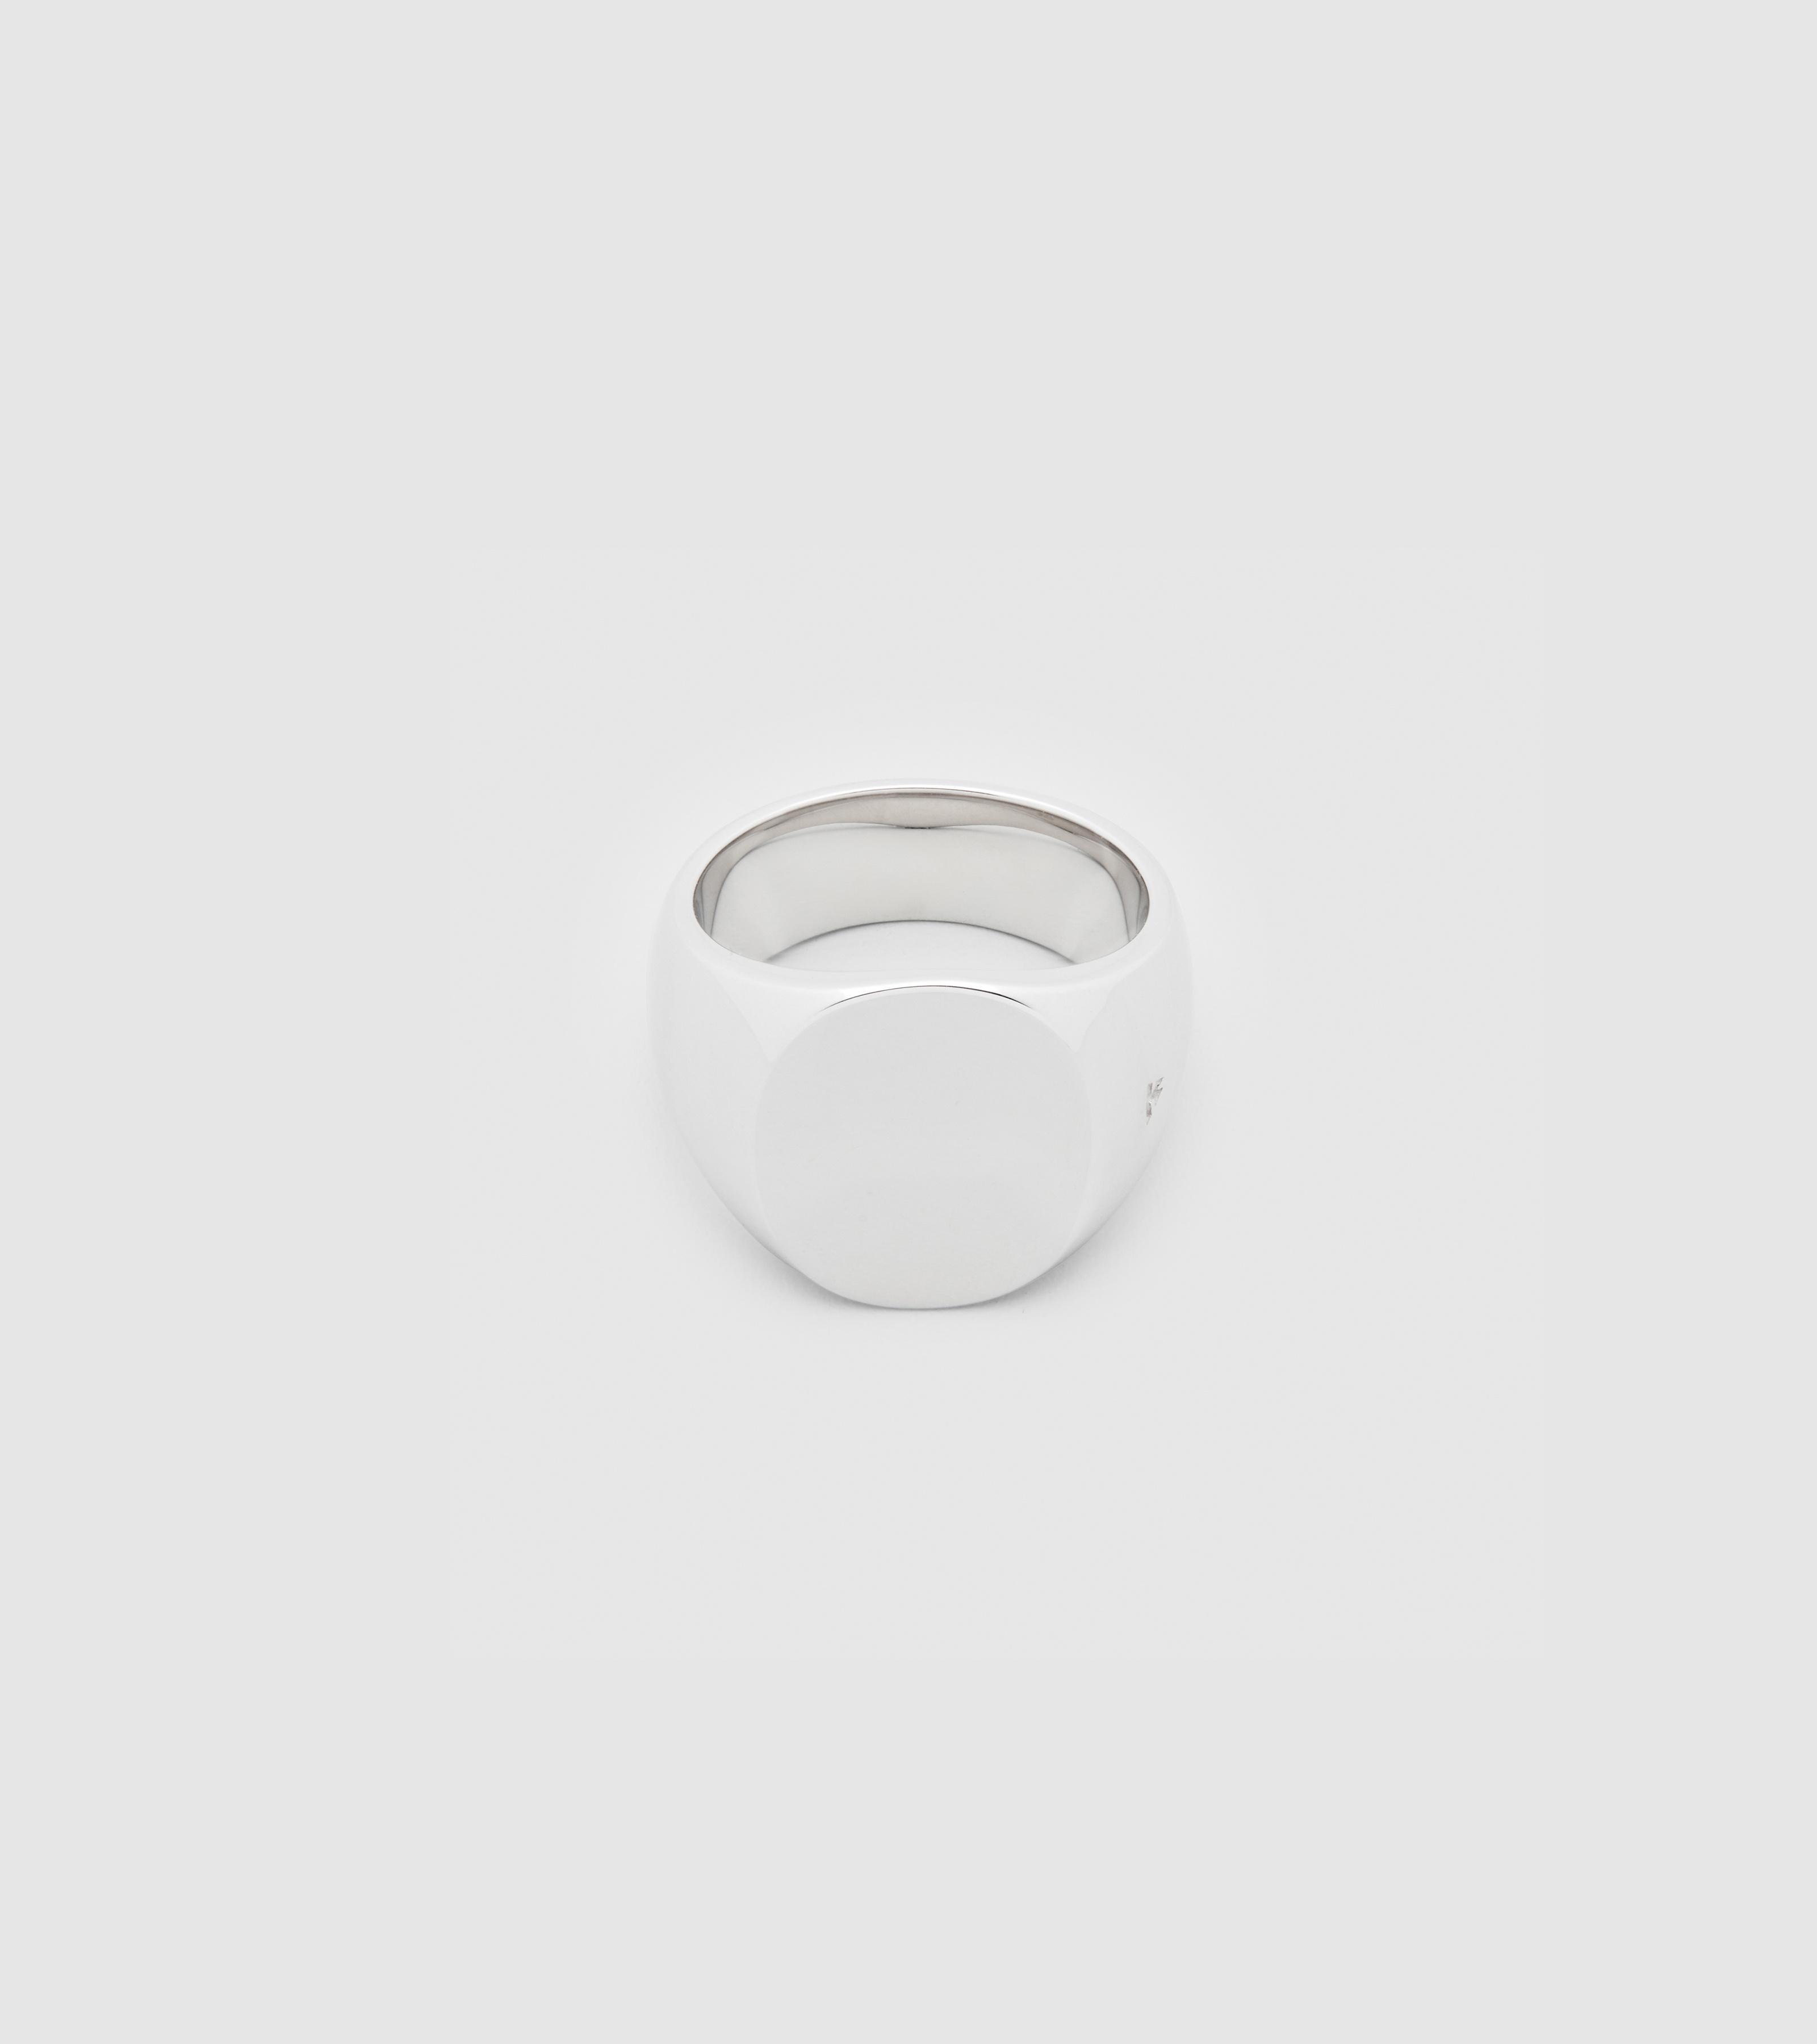 Oval Polished